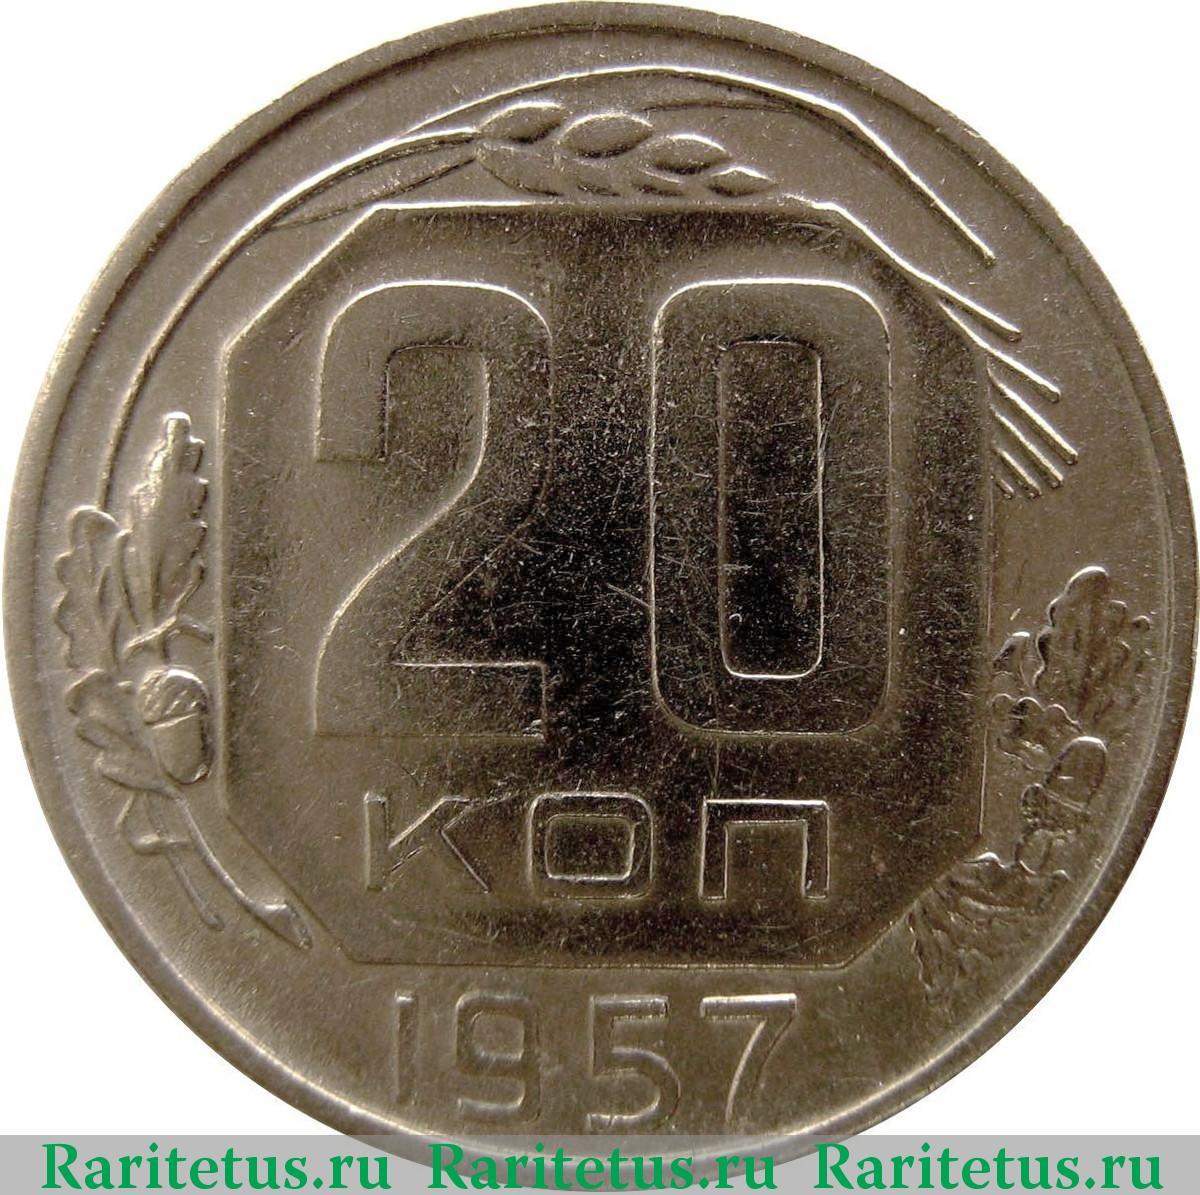 Монета 20 копеек 1957 года стоимость монеты екатерины 2 стоимость каталог